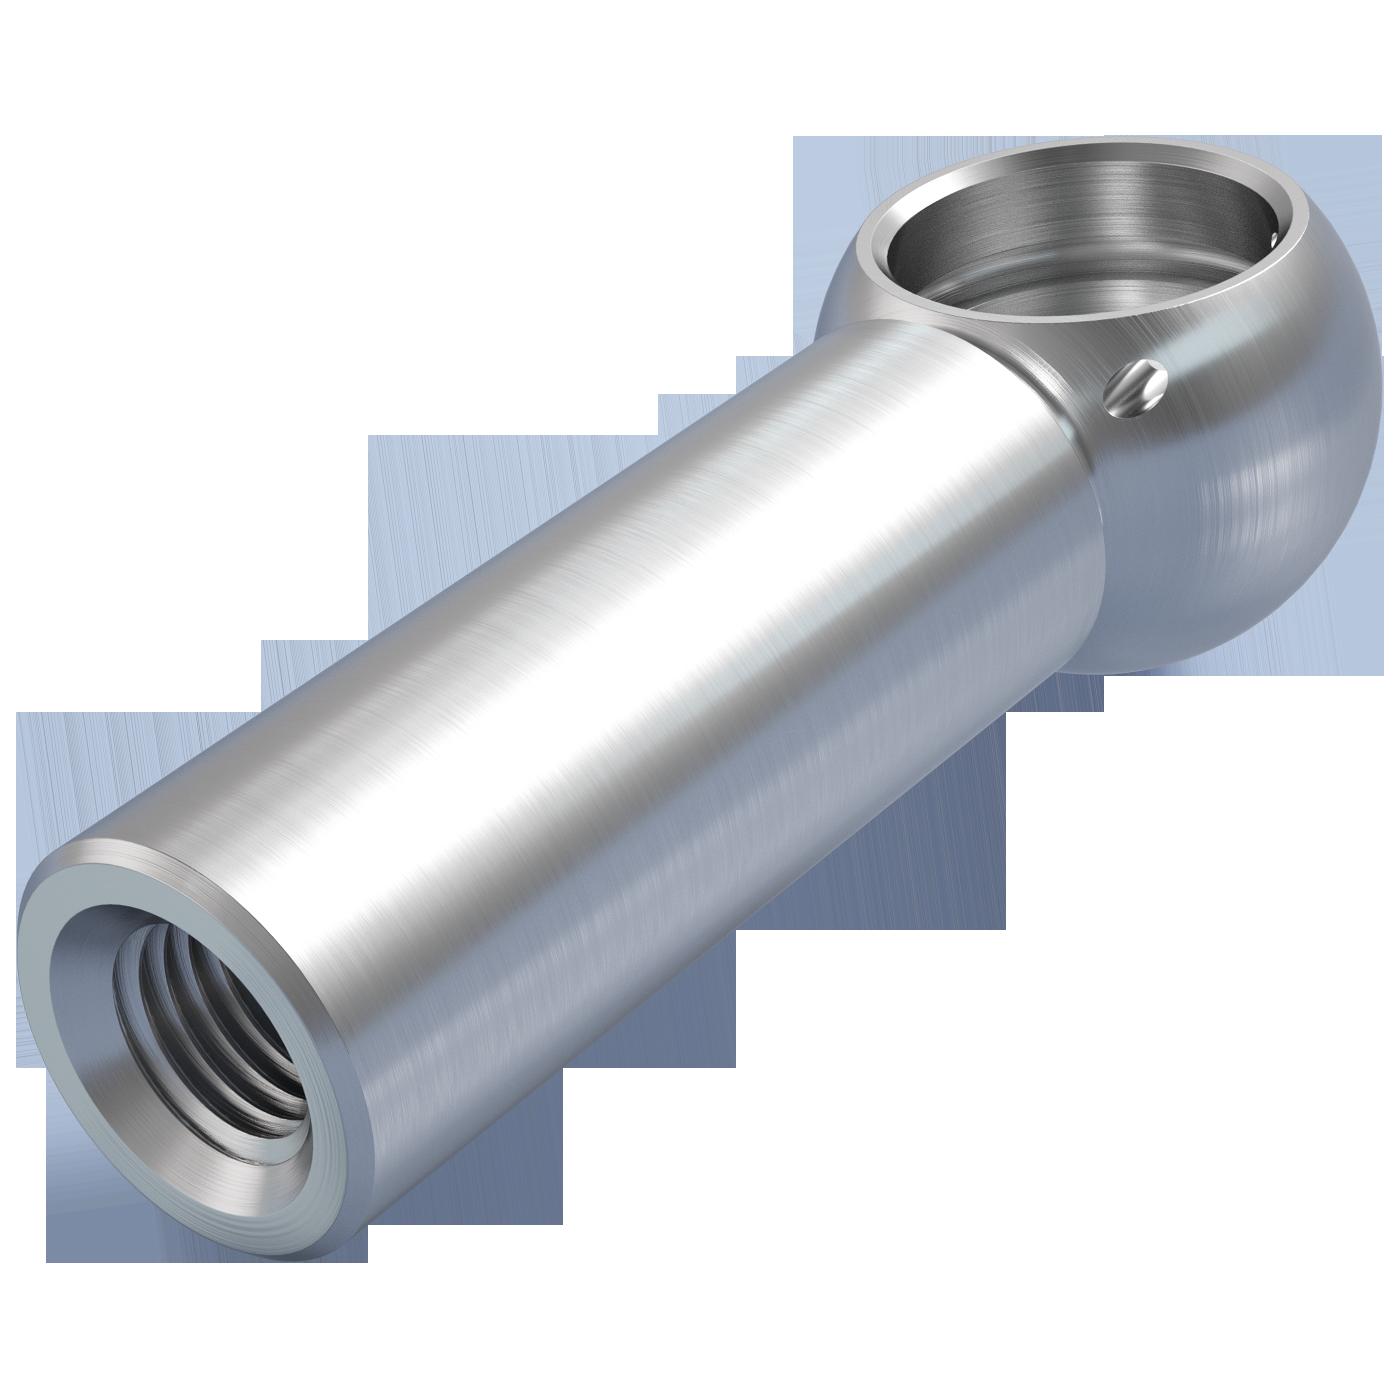 mbo Oßwald ist Produzent von Kugelpfannen, Kugelpfanne nach DIN 71805 Form B lange Ausführung. Verarbeitet werden Stahl und Edelstahl 1.4305 bzw. A4 Qualität 1.4404.